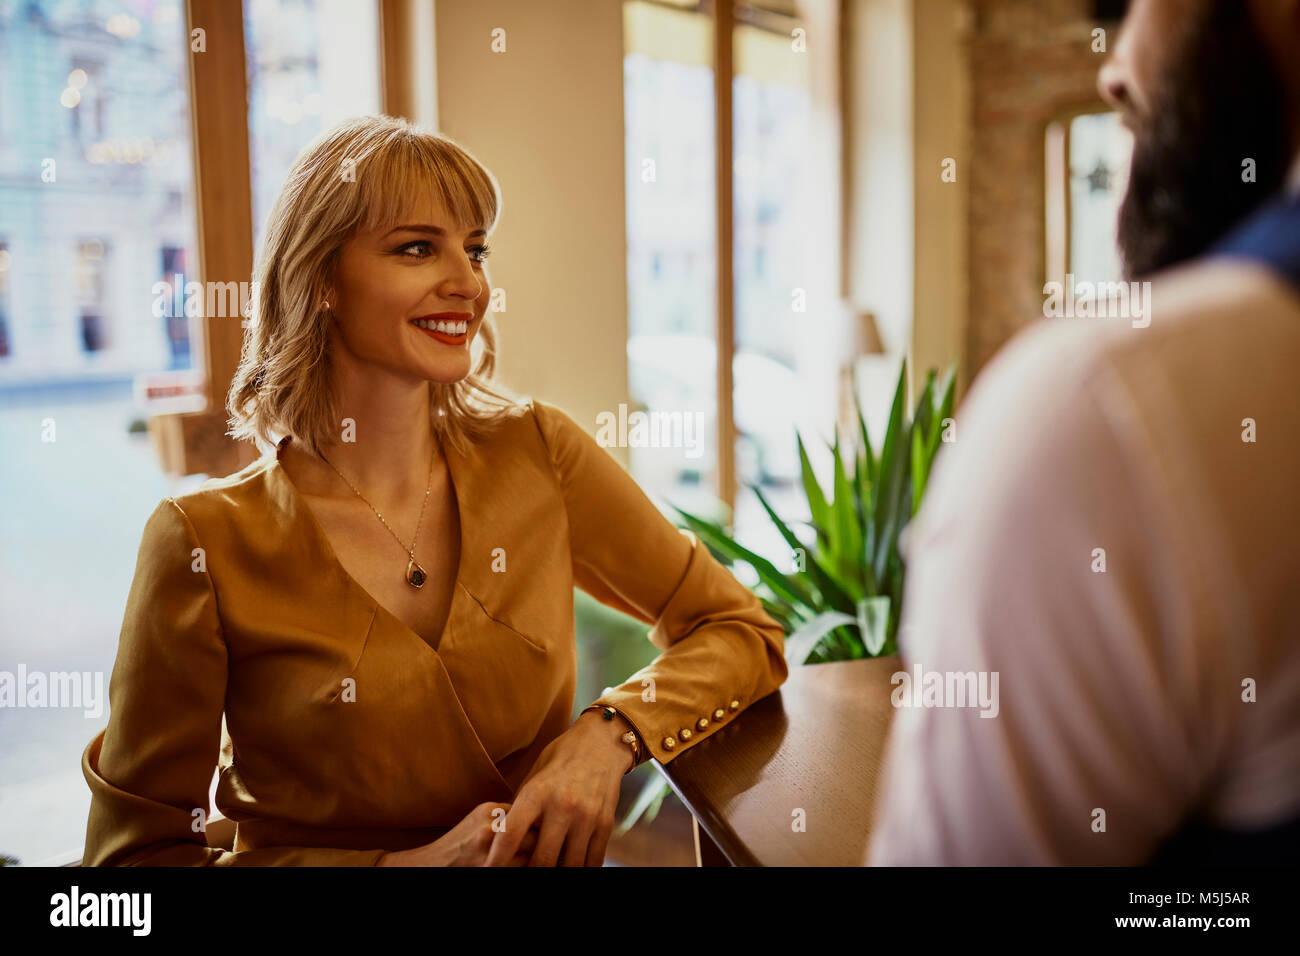 Eleganti Donna sorridente con l uomo in un bar Immagini Stock